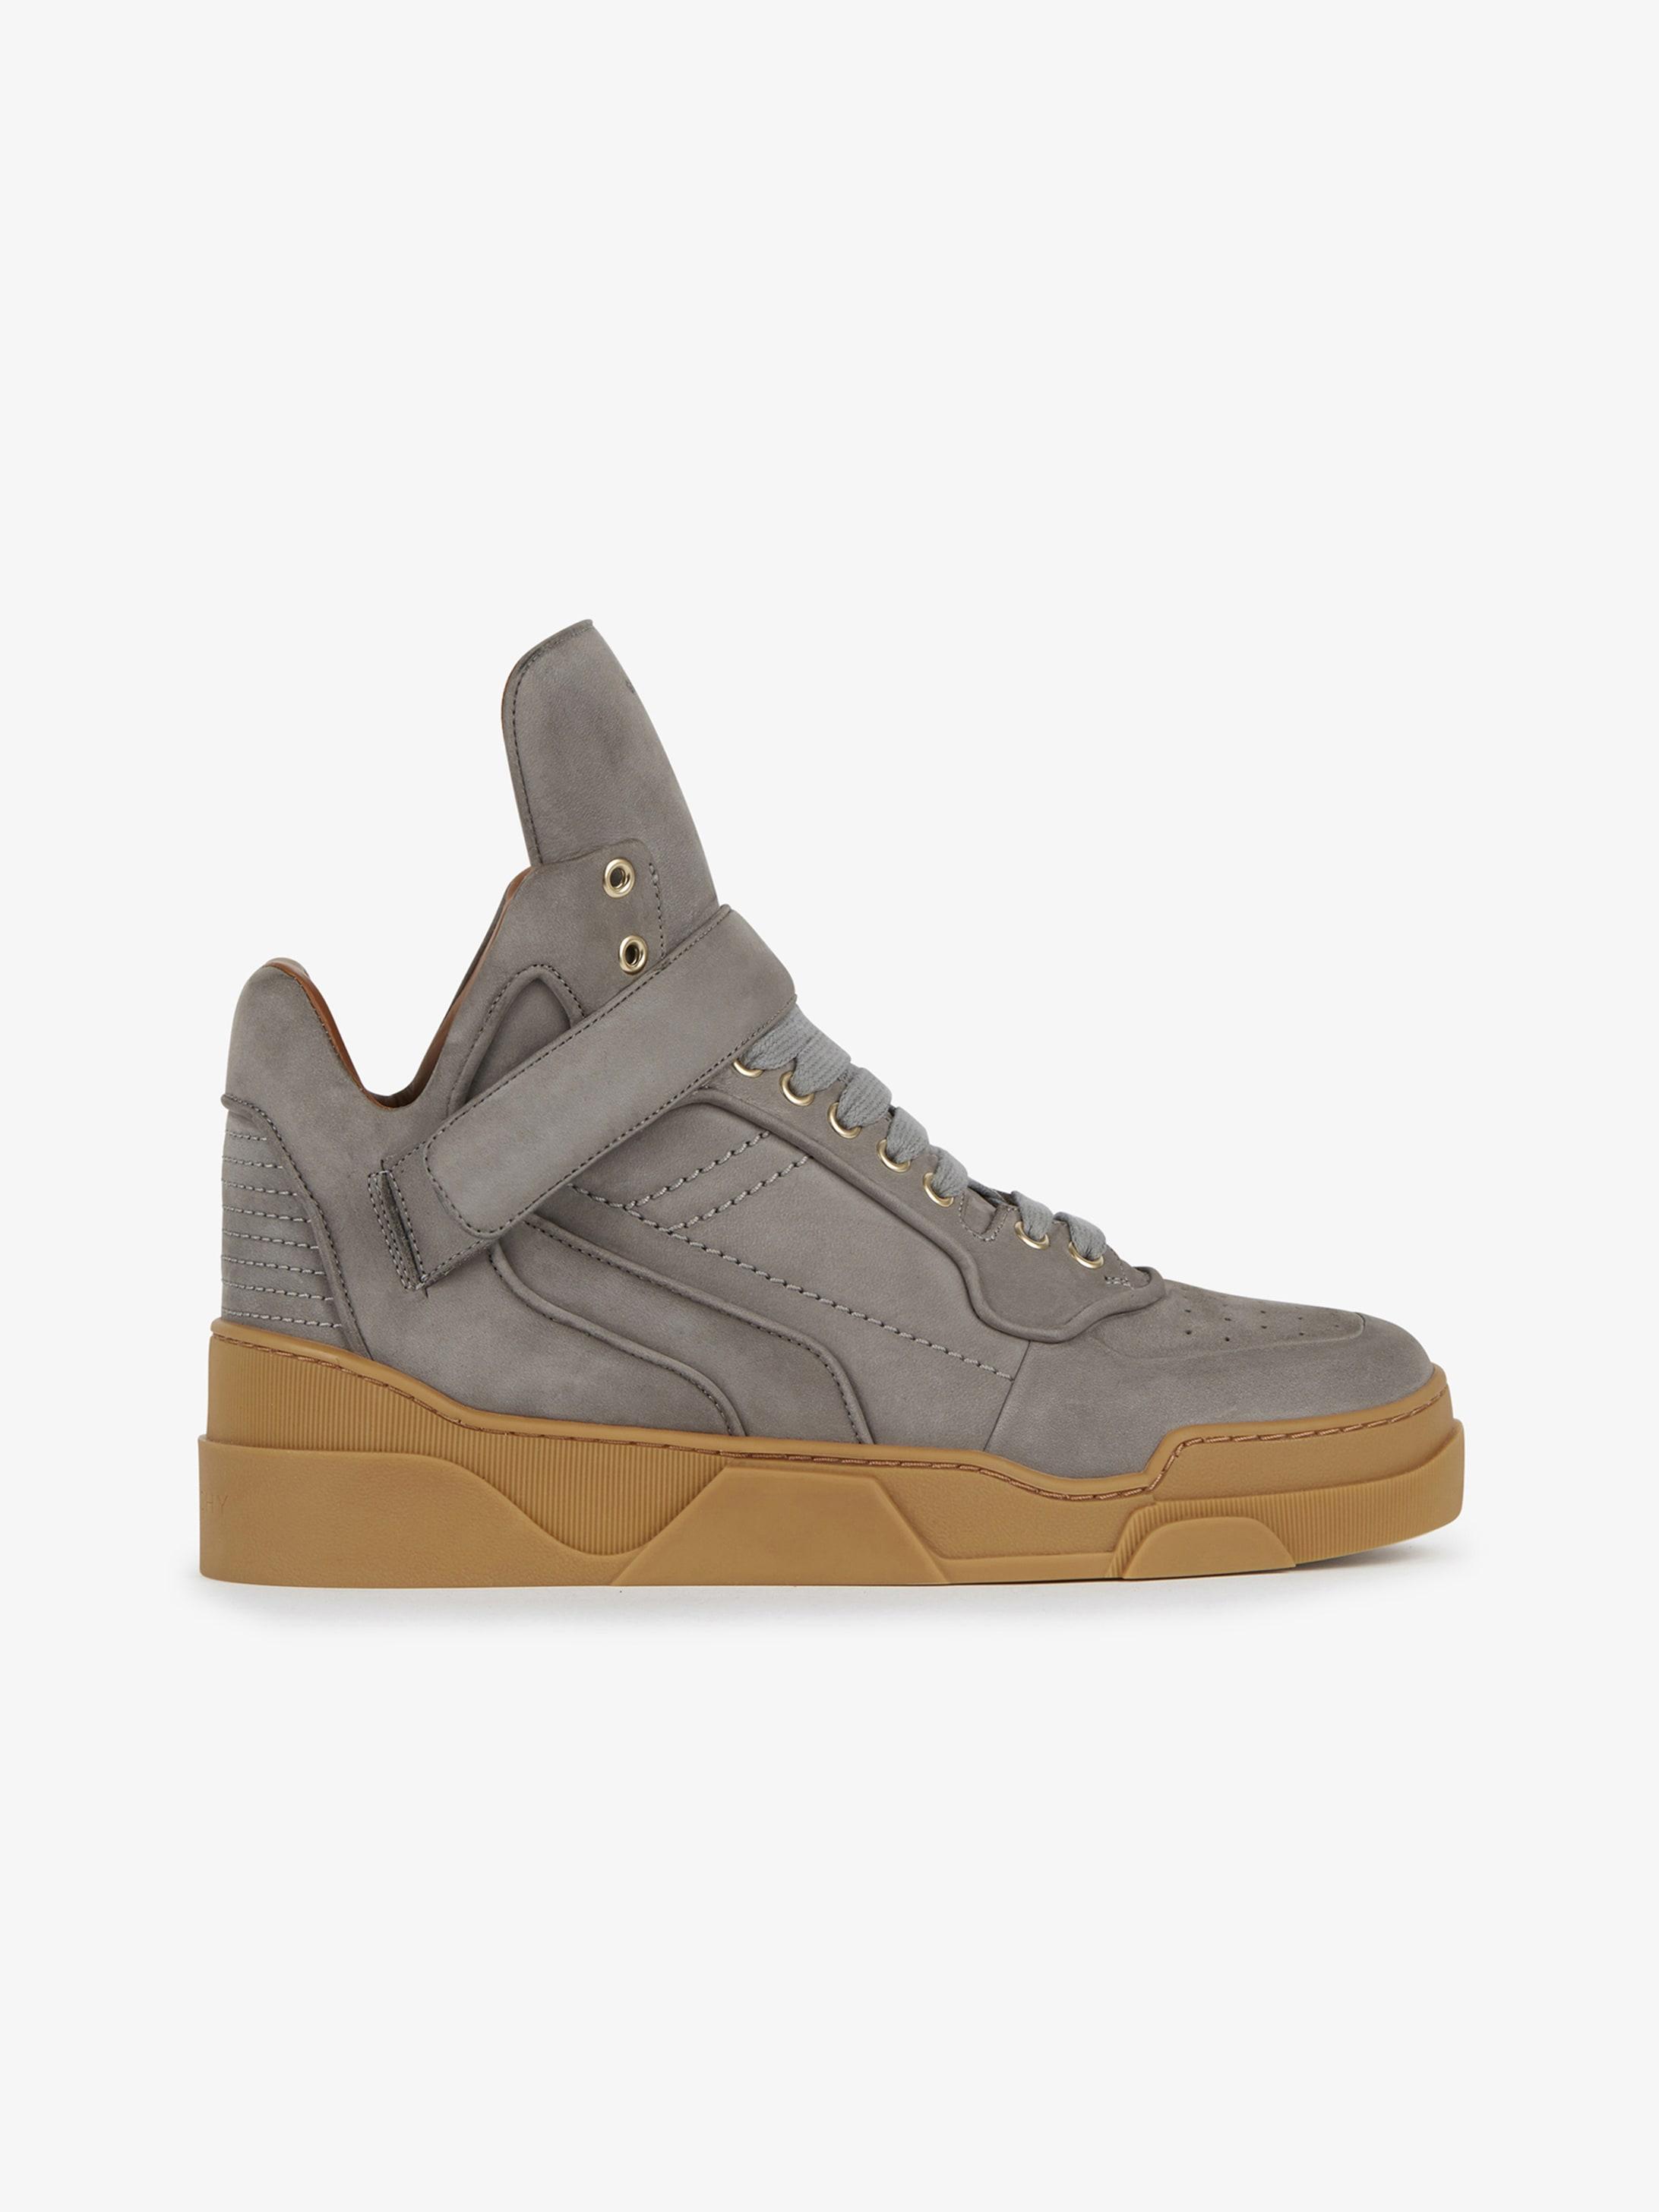 High sneakers in nubuck